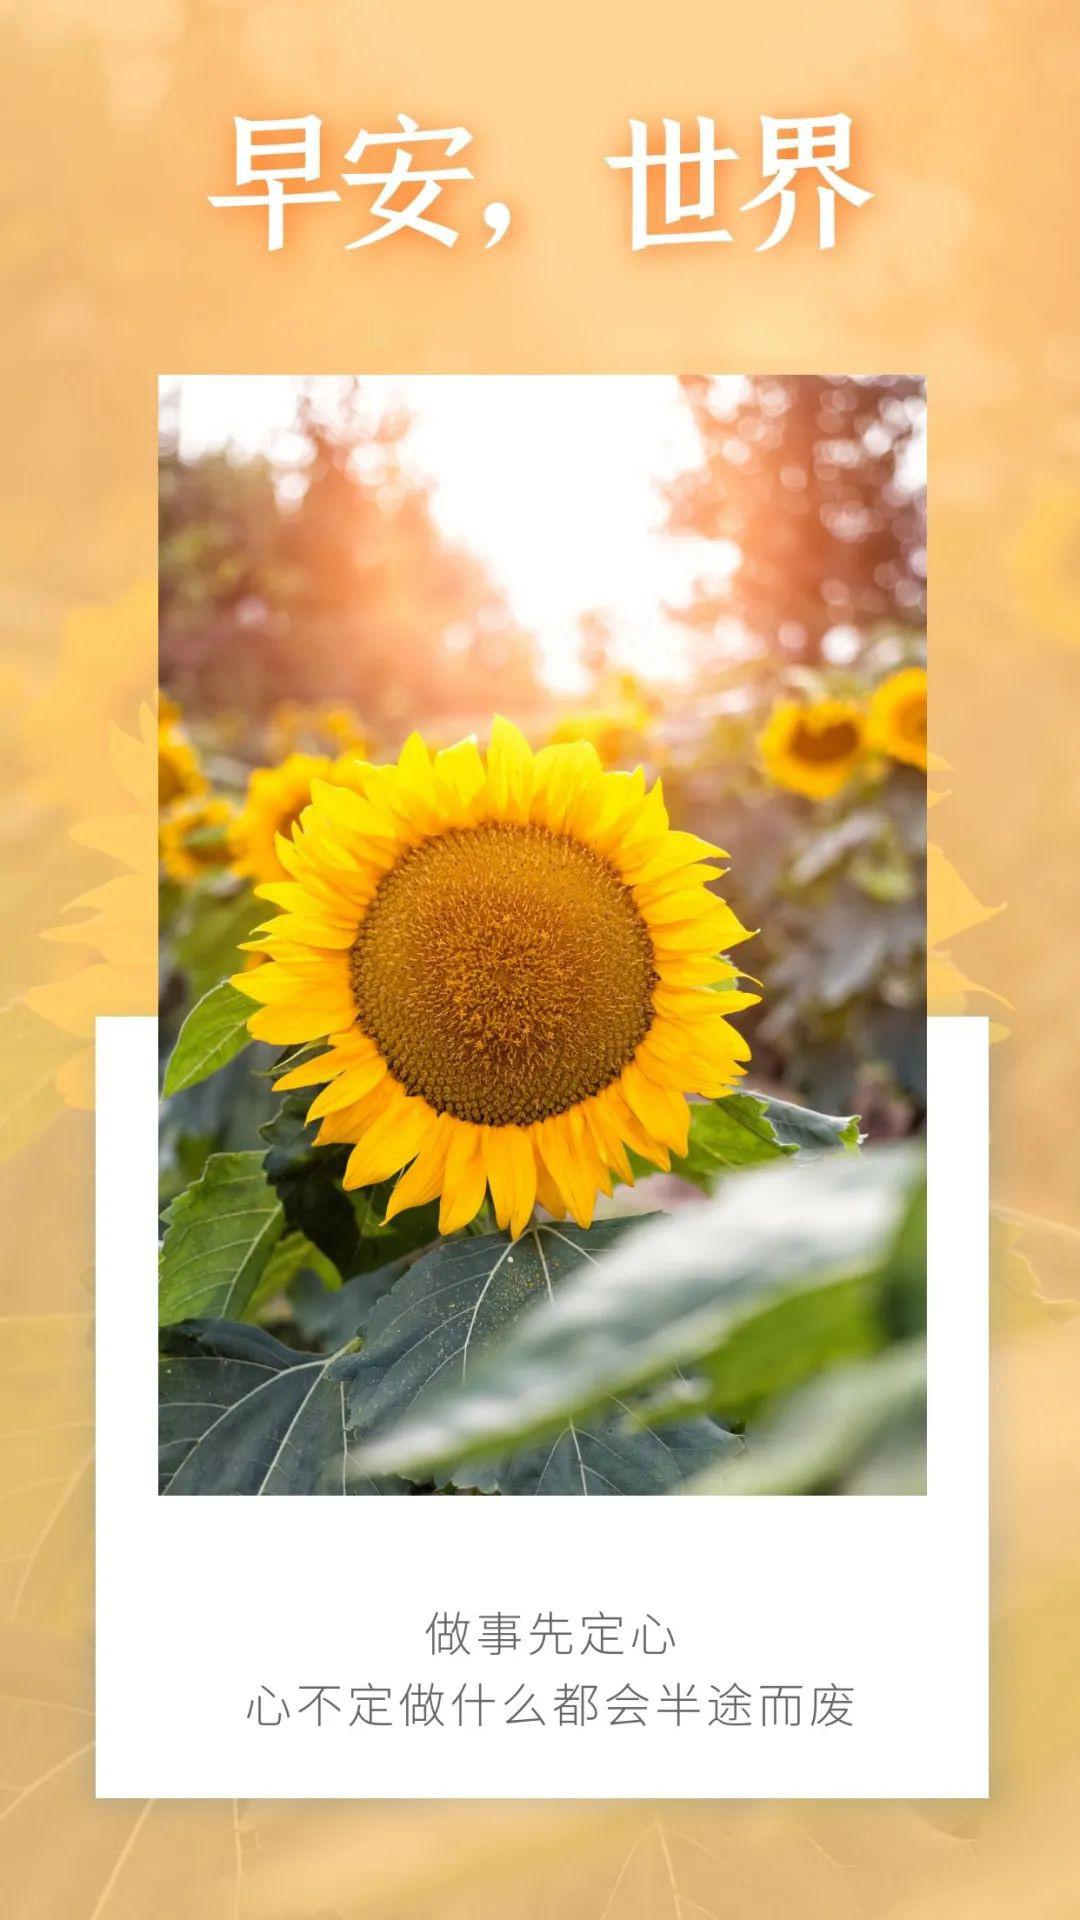 正能量早安图片语录,激励人心的句子,加油